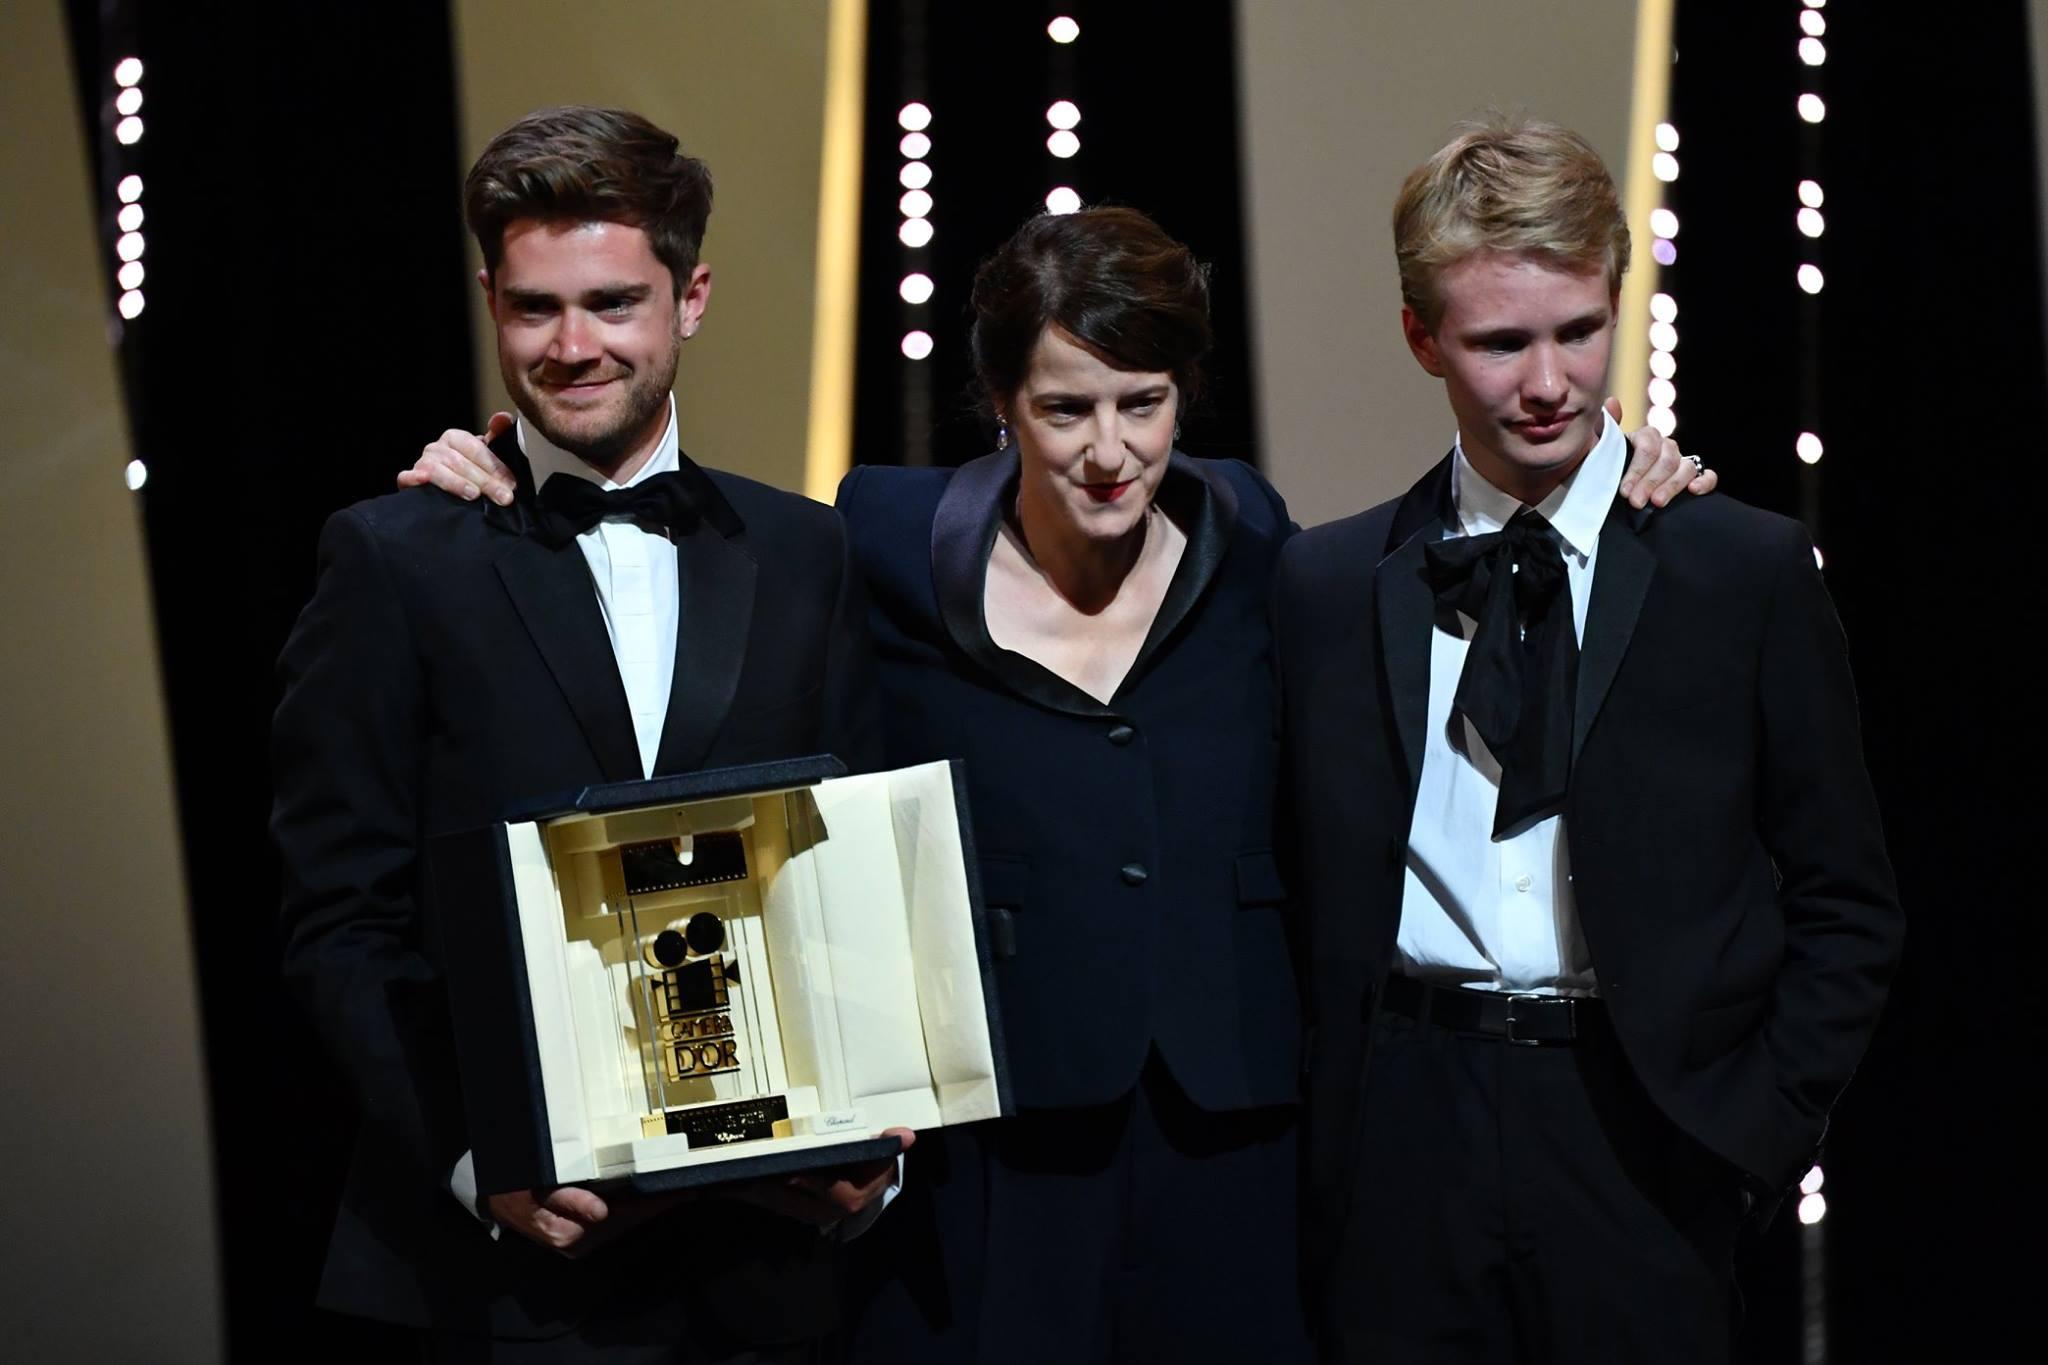 الفائزون بجوائز مهرجان كان  (12)